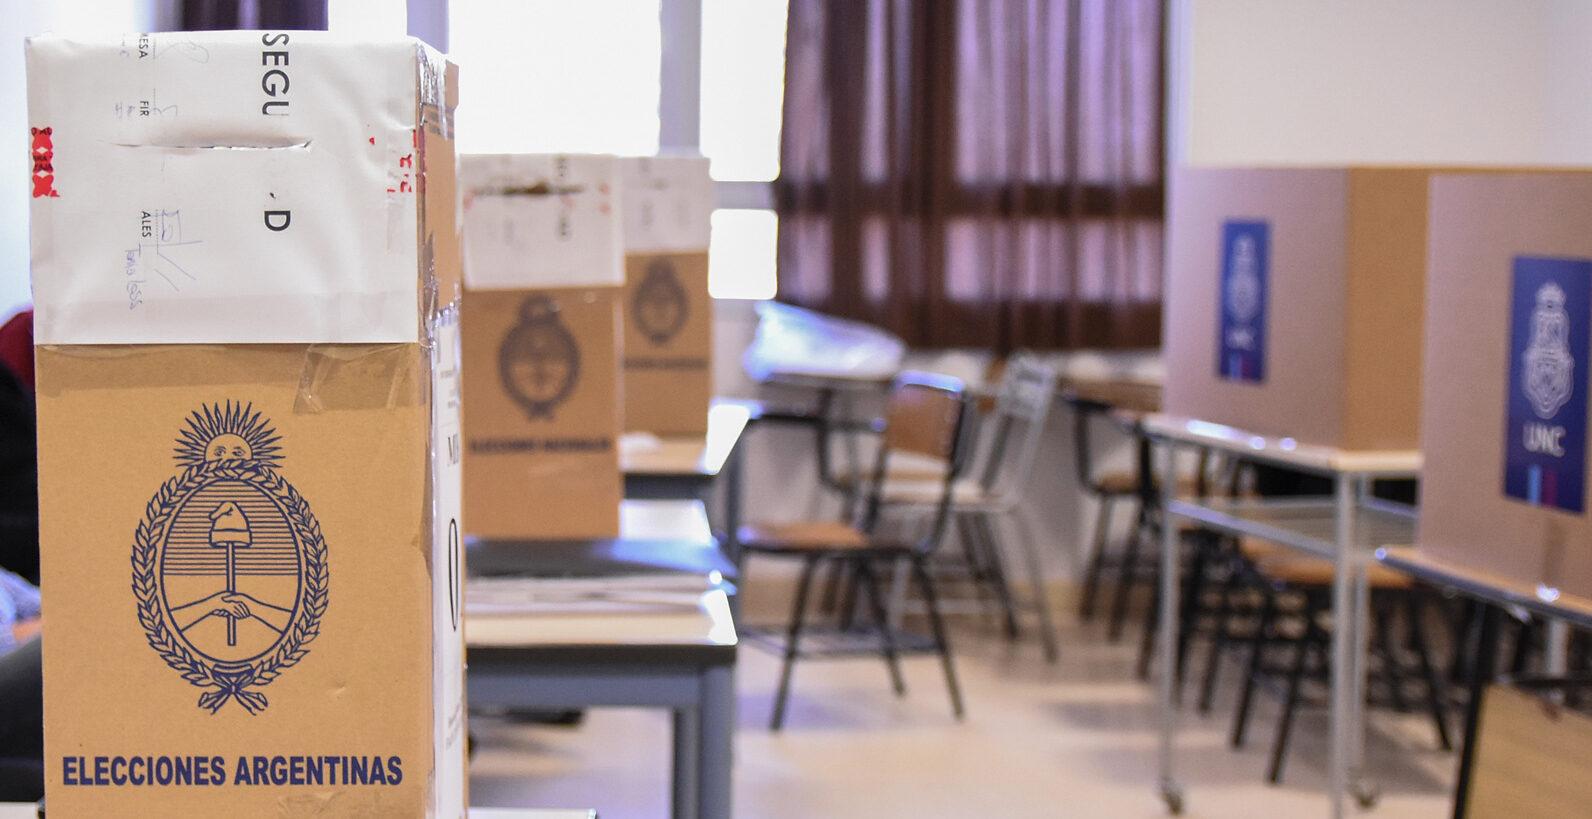 Elecciones 2021: ¿Qué grupos deberían estar vacunados para poder organizar los comicios?